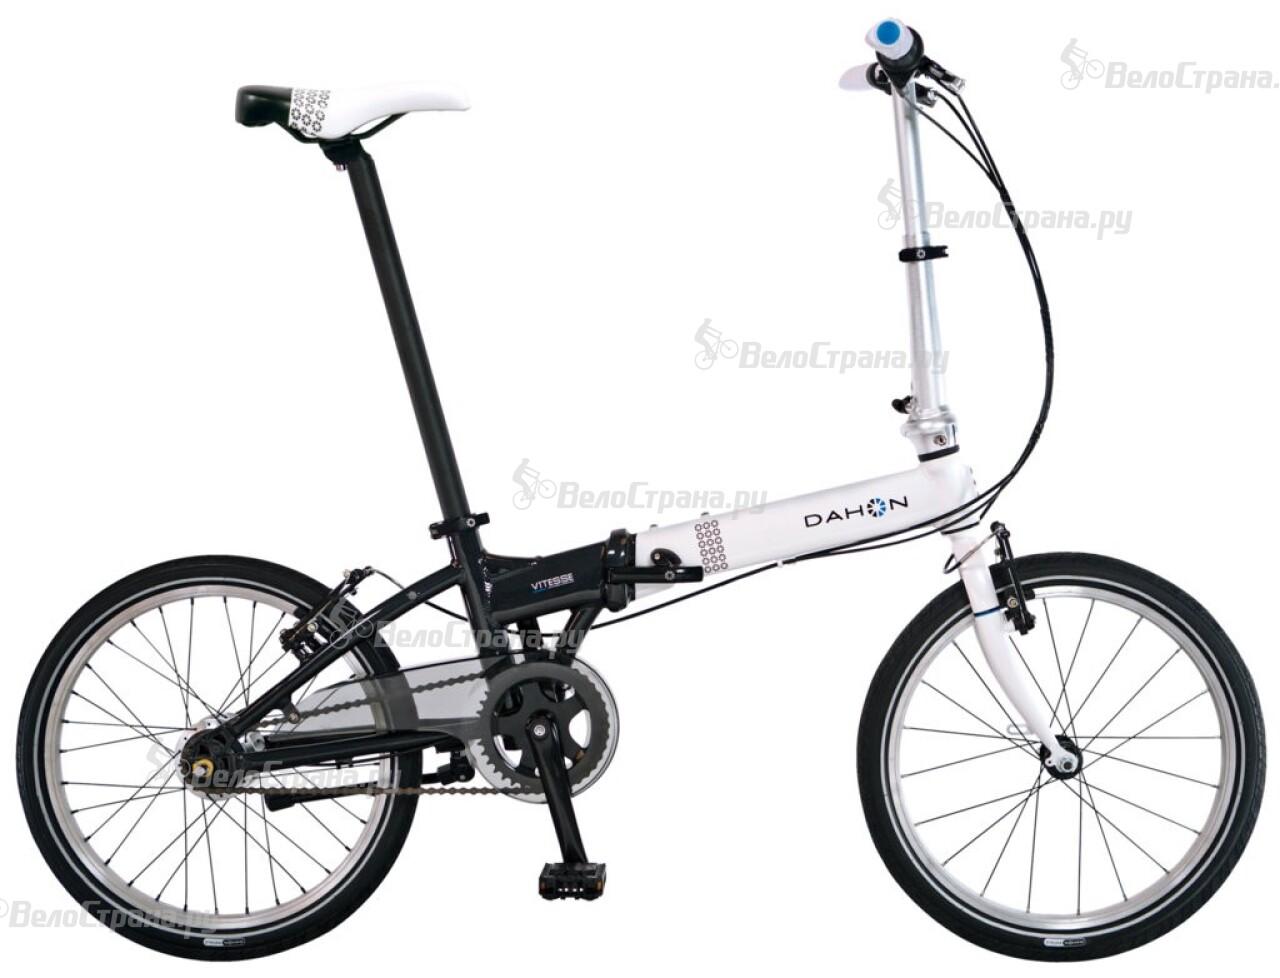 Велосипед Dahon Vitesse D7HG (2014) велосипед dahon ciao d7 2014